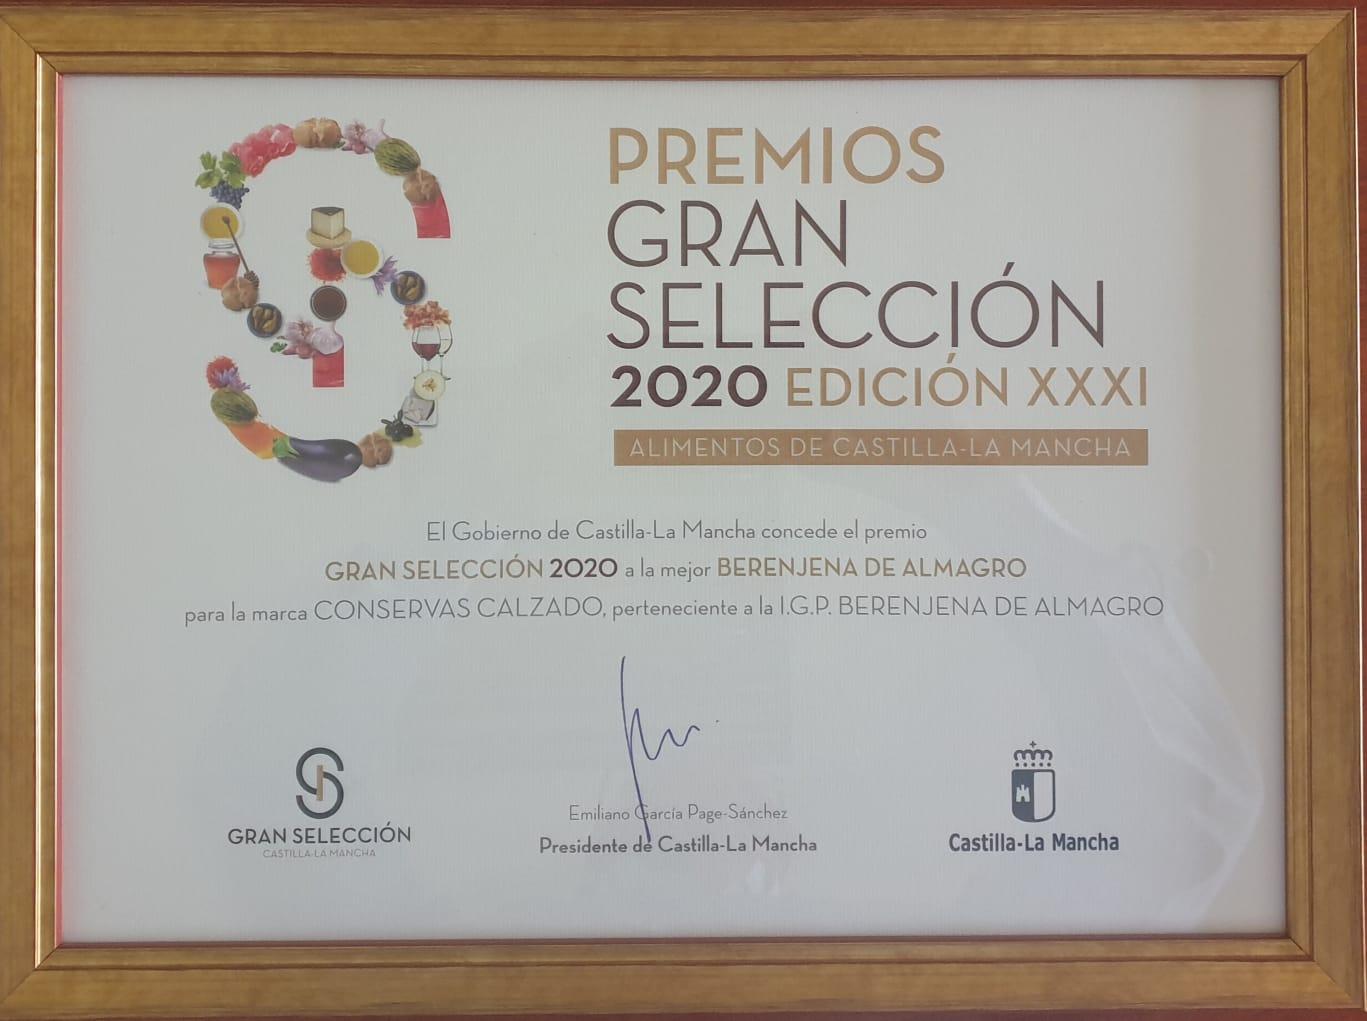 Premio Gran Selección 2020 Mejor Berenjena de Almagro